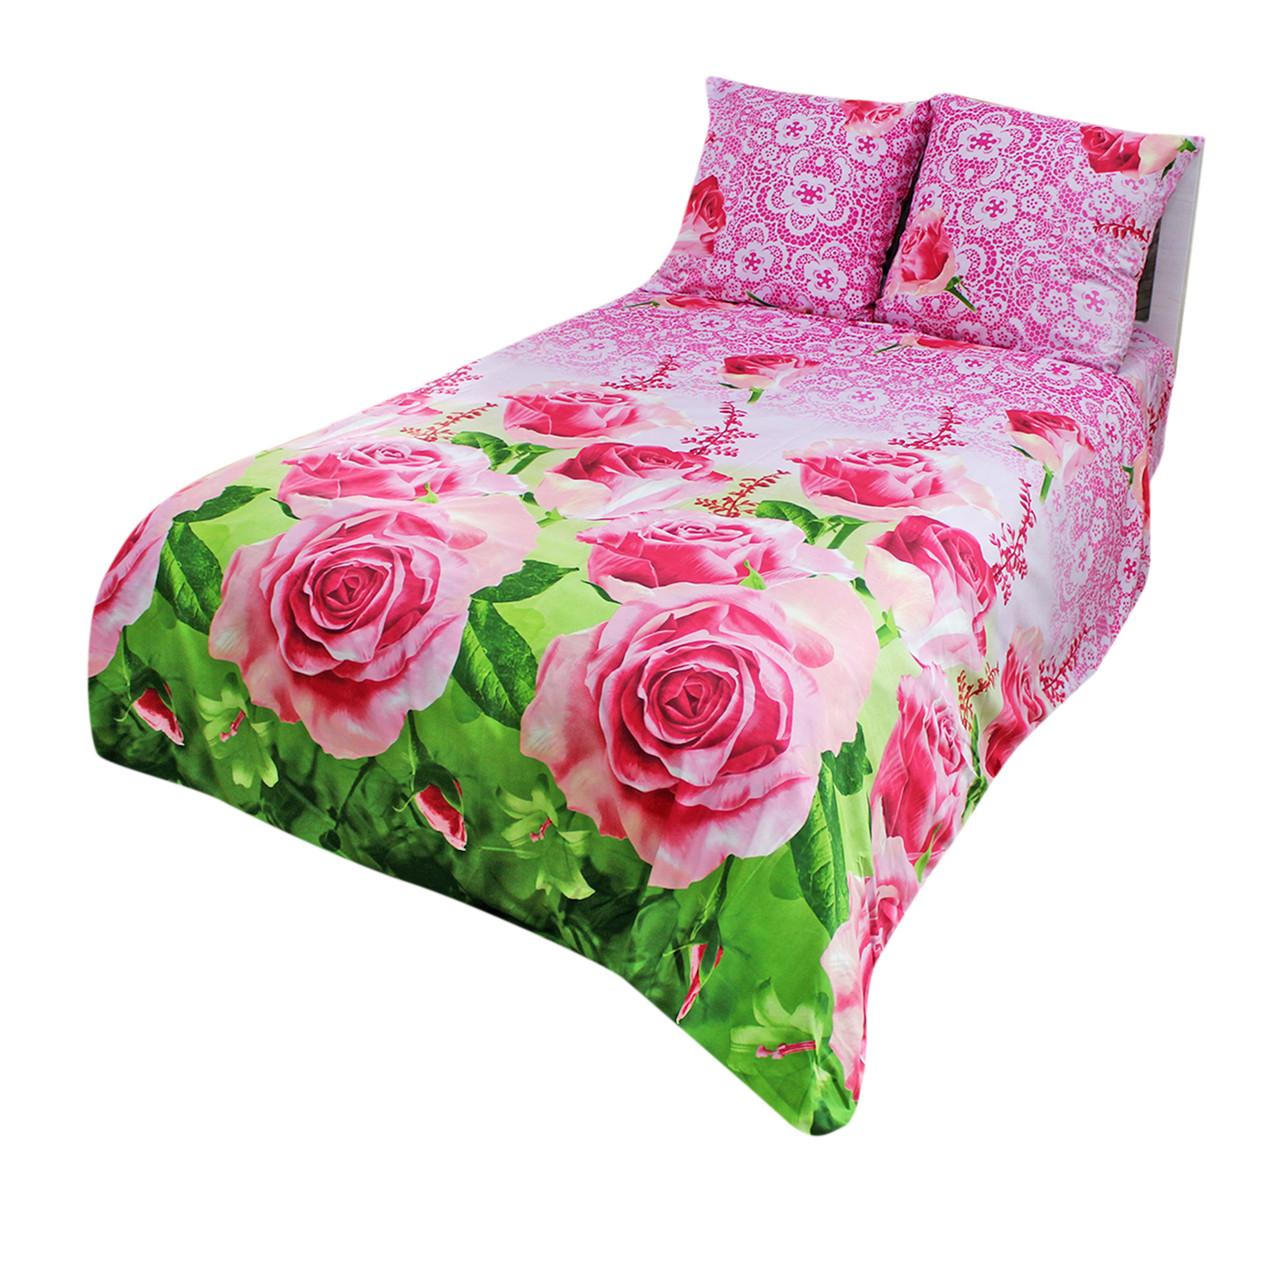 Комплект постельного белья At Home Двуспальный 200х215 (PSK_217_0322)